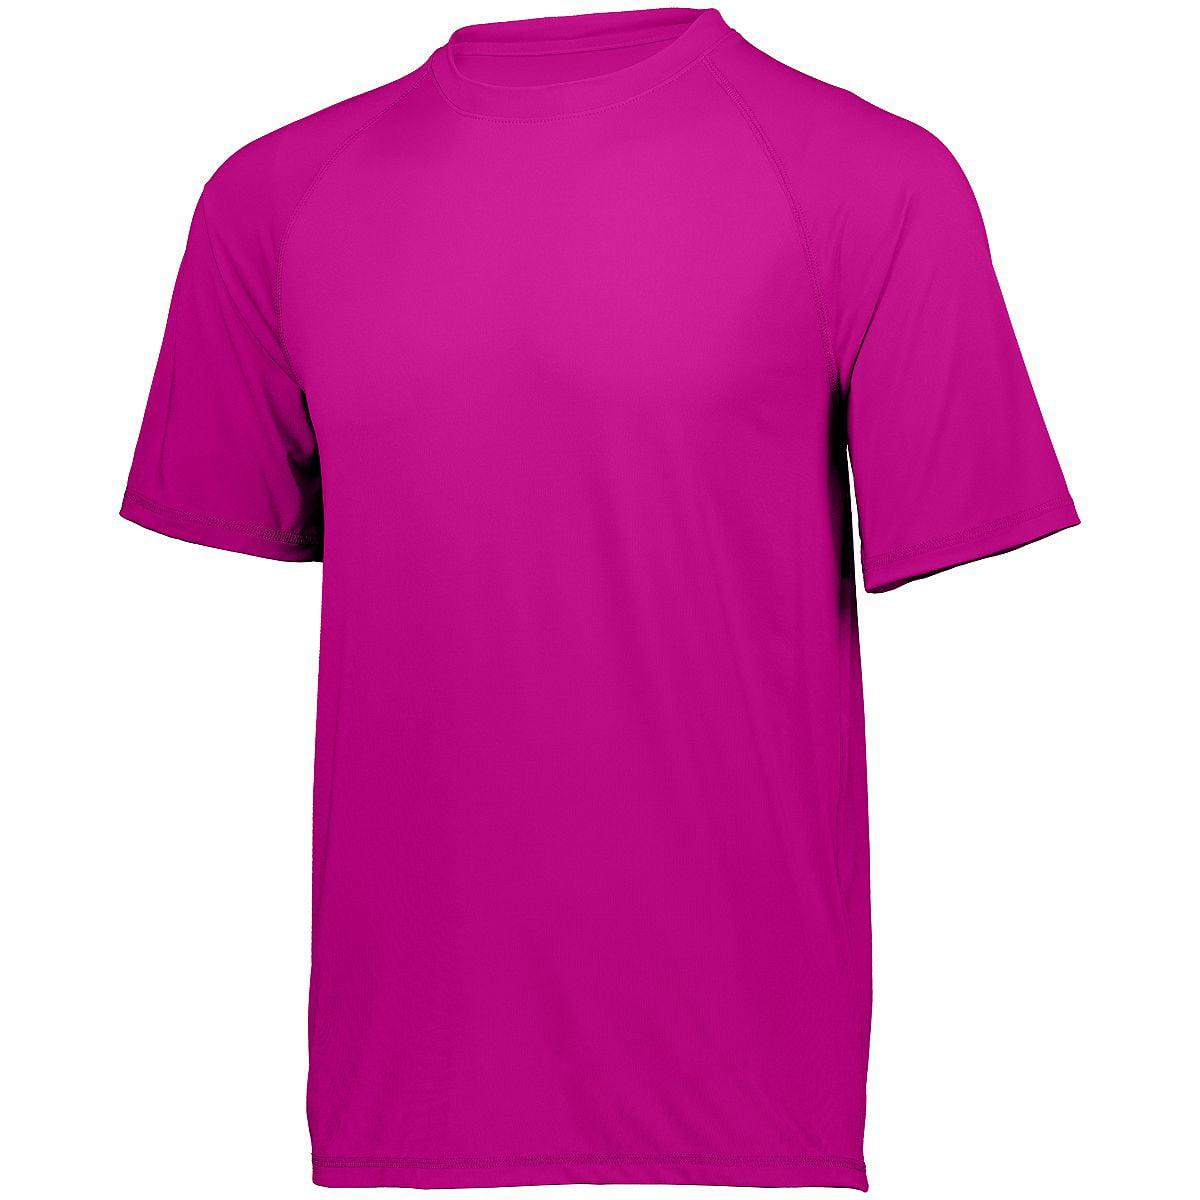 Holloway Youth Swift Wicking Shirt Powpk Xl - image 1 de 1